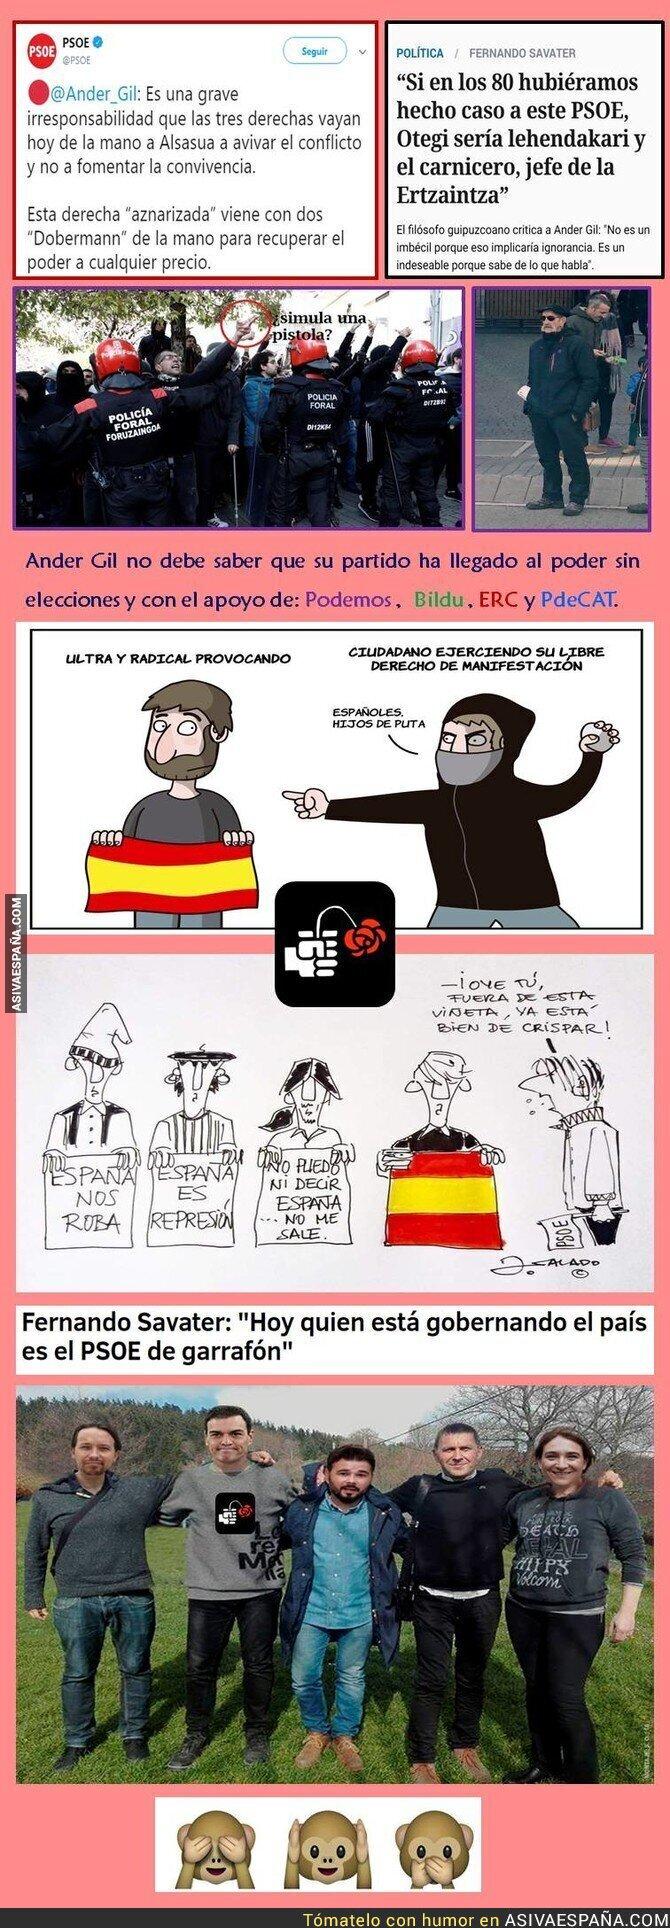 97342 - PSOE de garrafón ... Cuidado con la resaca.